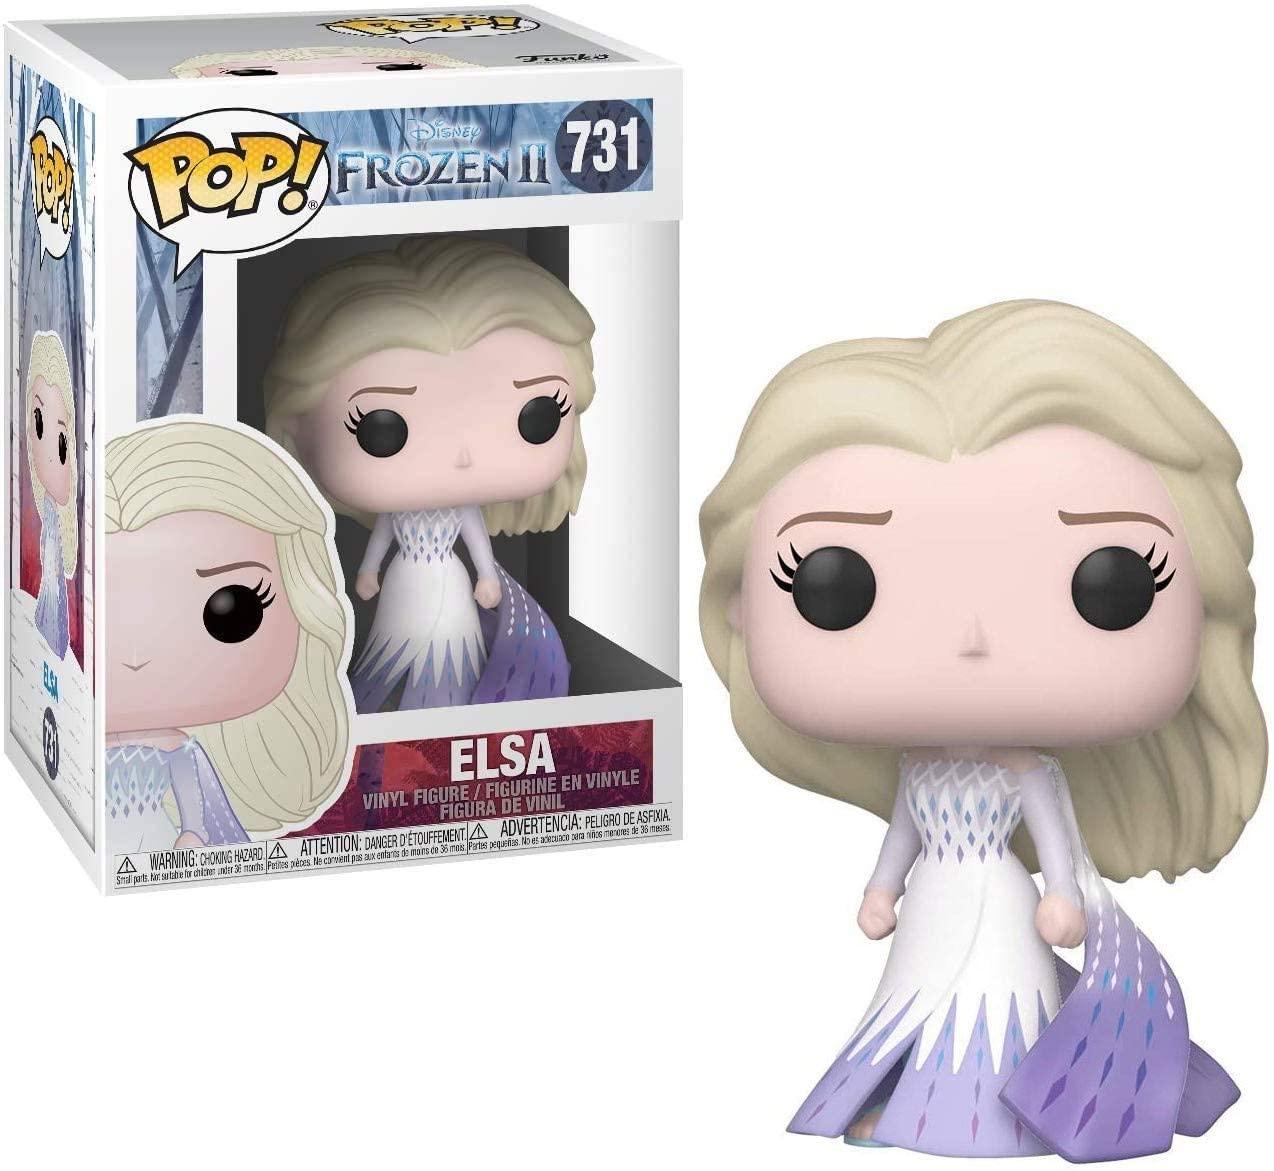 Funko Pop! Disney: Frozen 2 Elsa